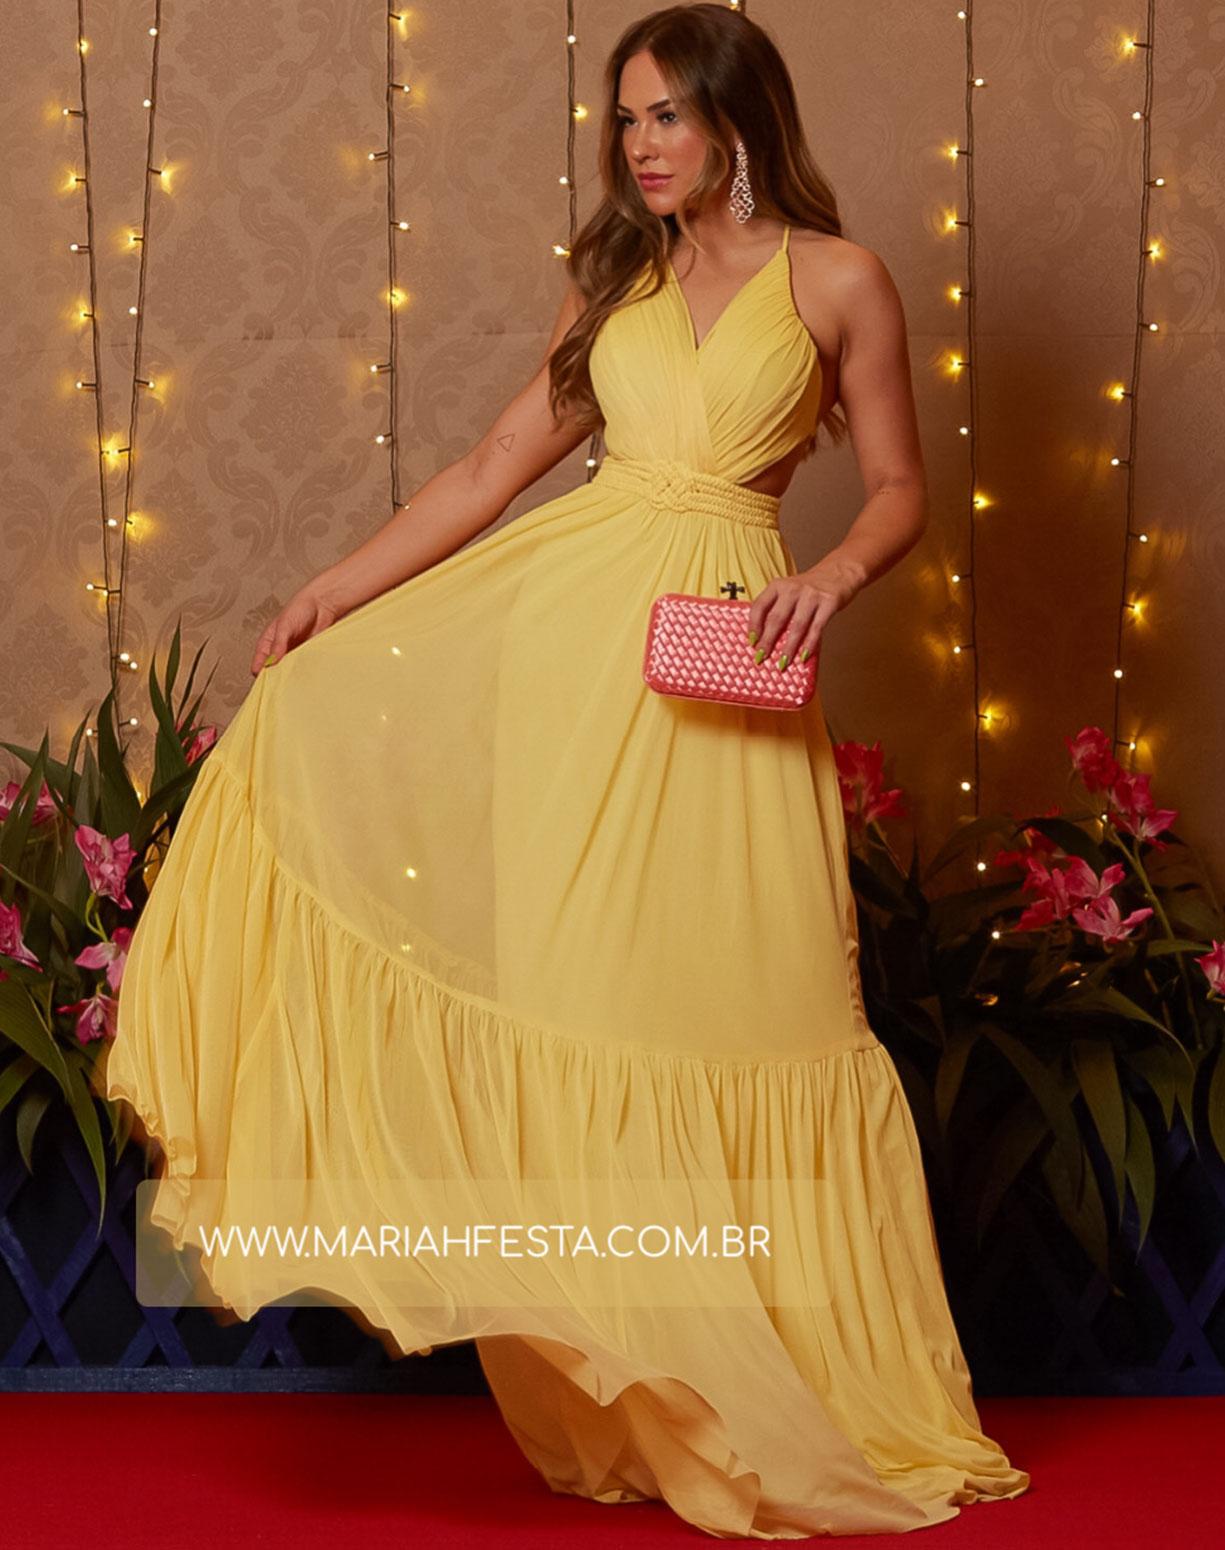 Vestido Amarelo em Tule com Cinto em Macramê